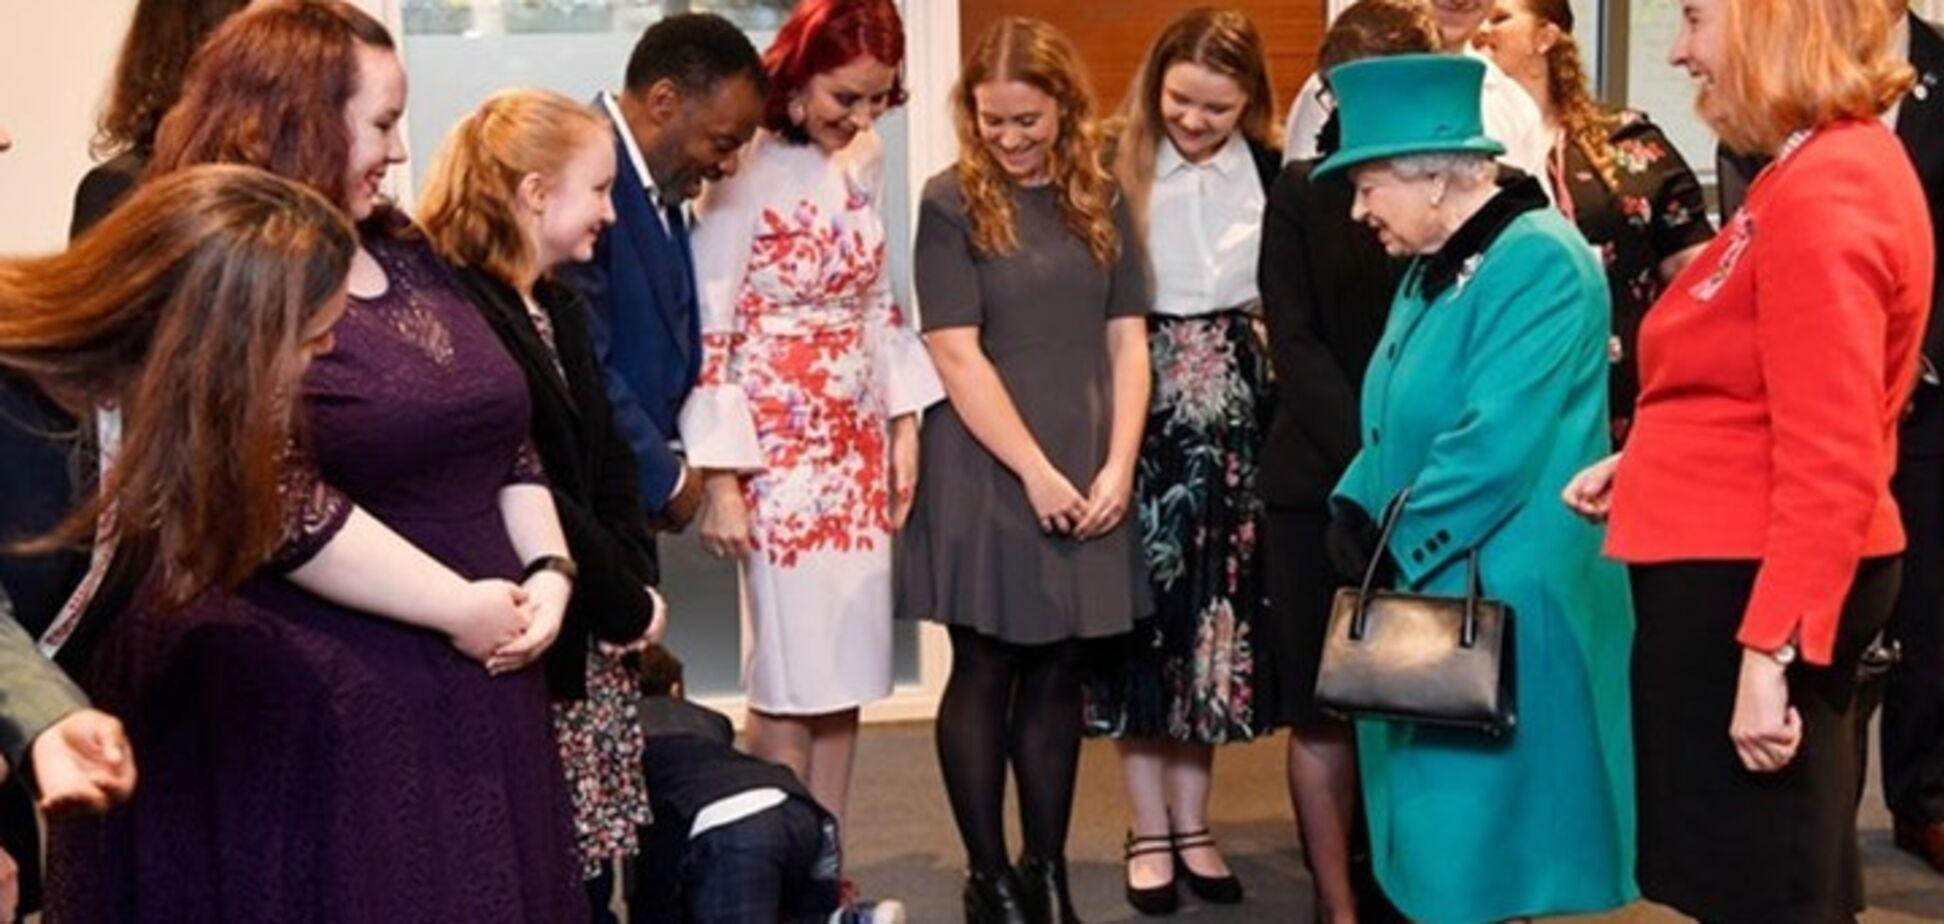 'Виповз по-англійськи': зустріч дітей із королевою Єлизаветою закінчилася конфузом. Кумедне відео